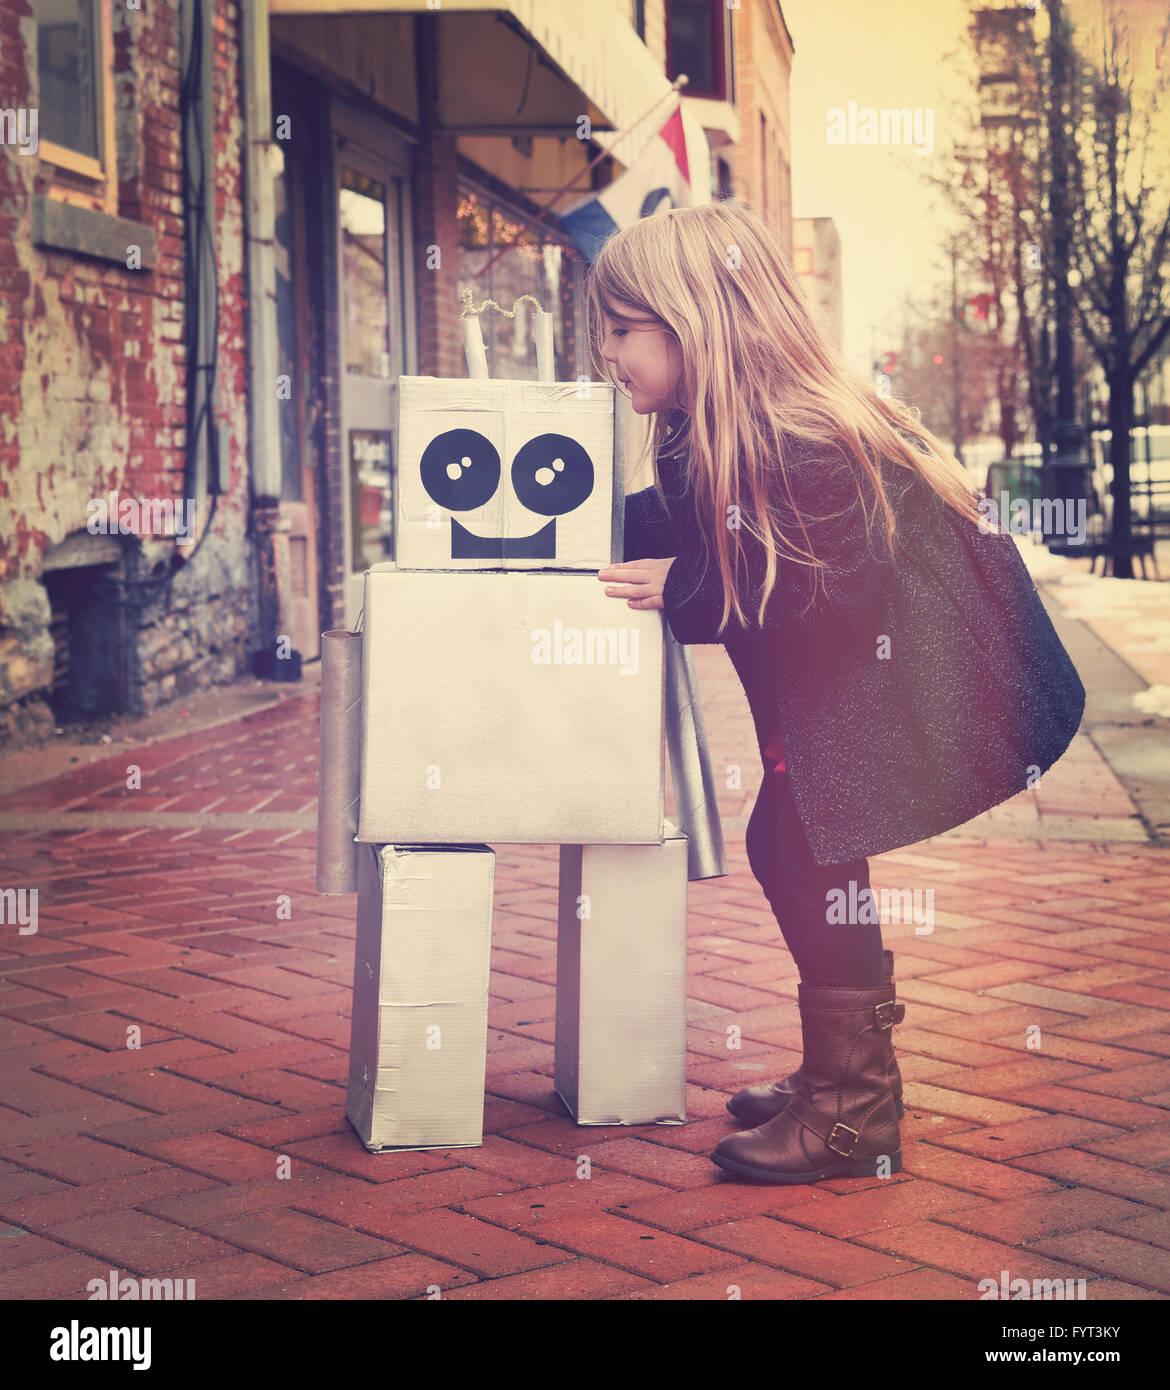 Uma menininha está abraçando um robô de papelão metal downtown contra uma parede de tijolos Imagens de Stock